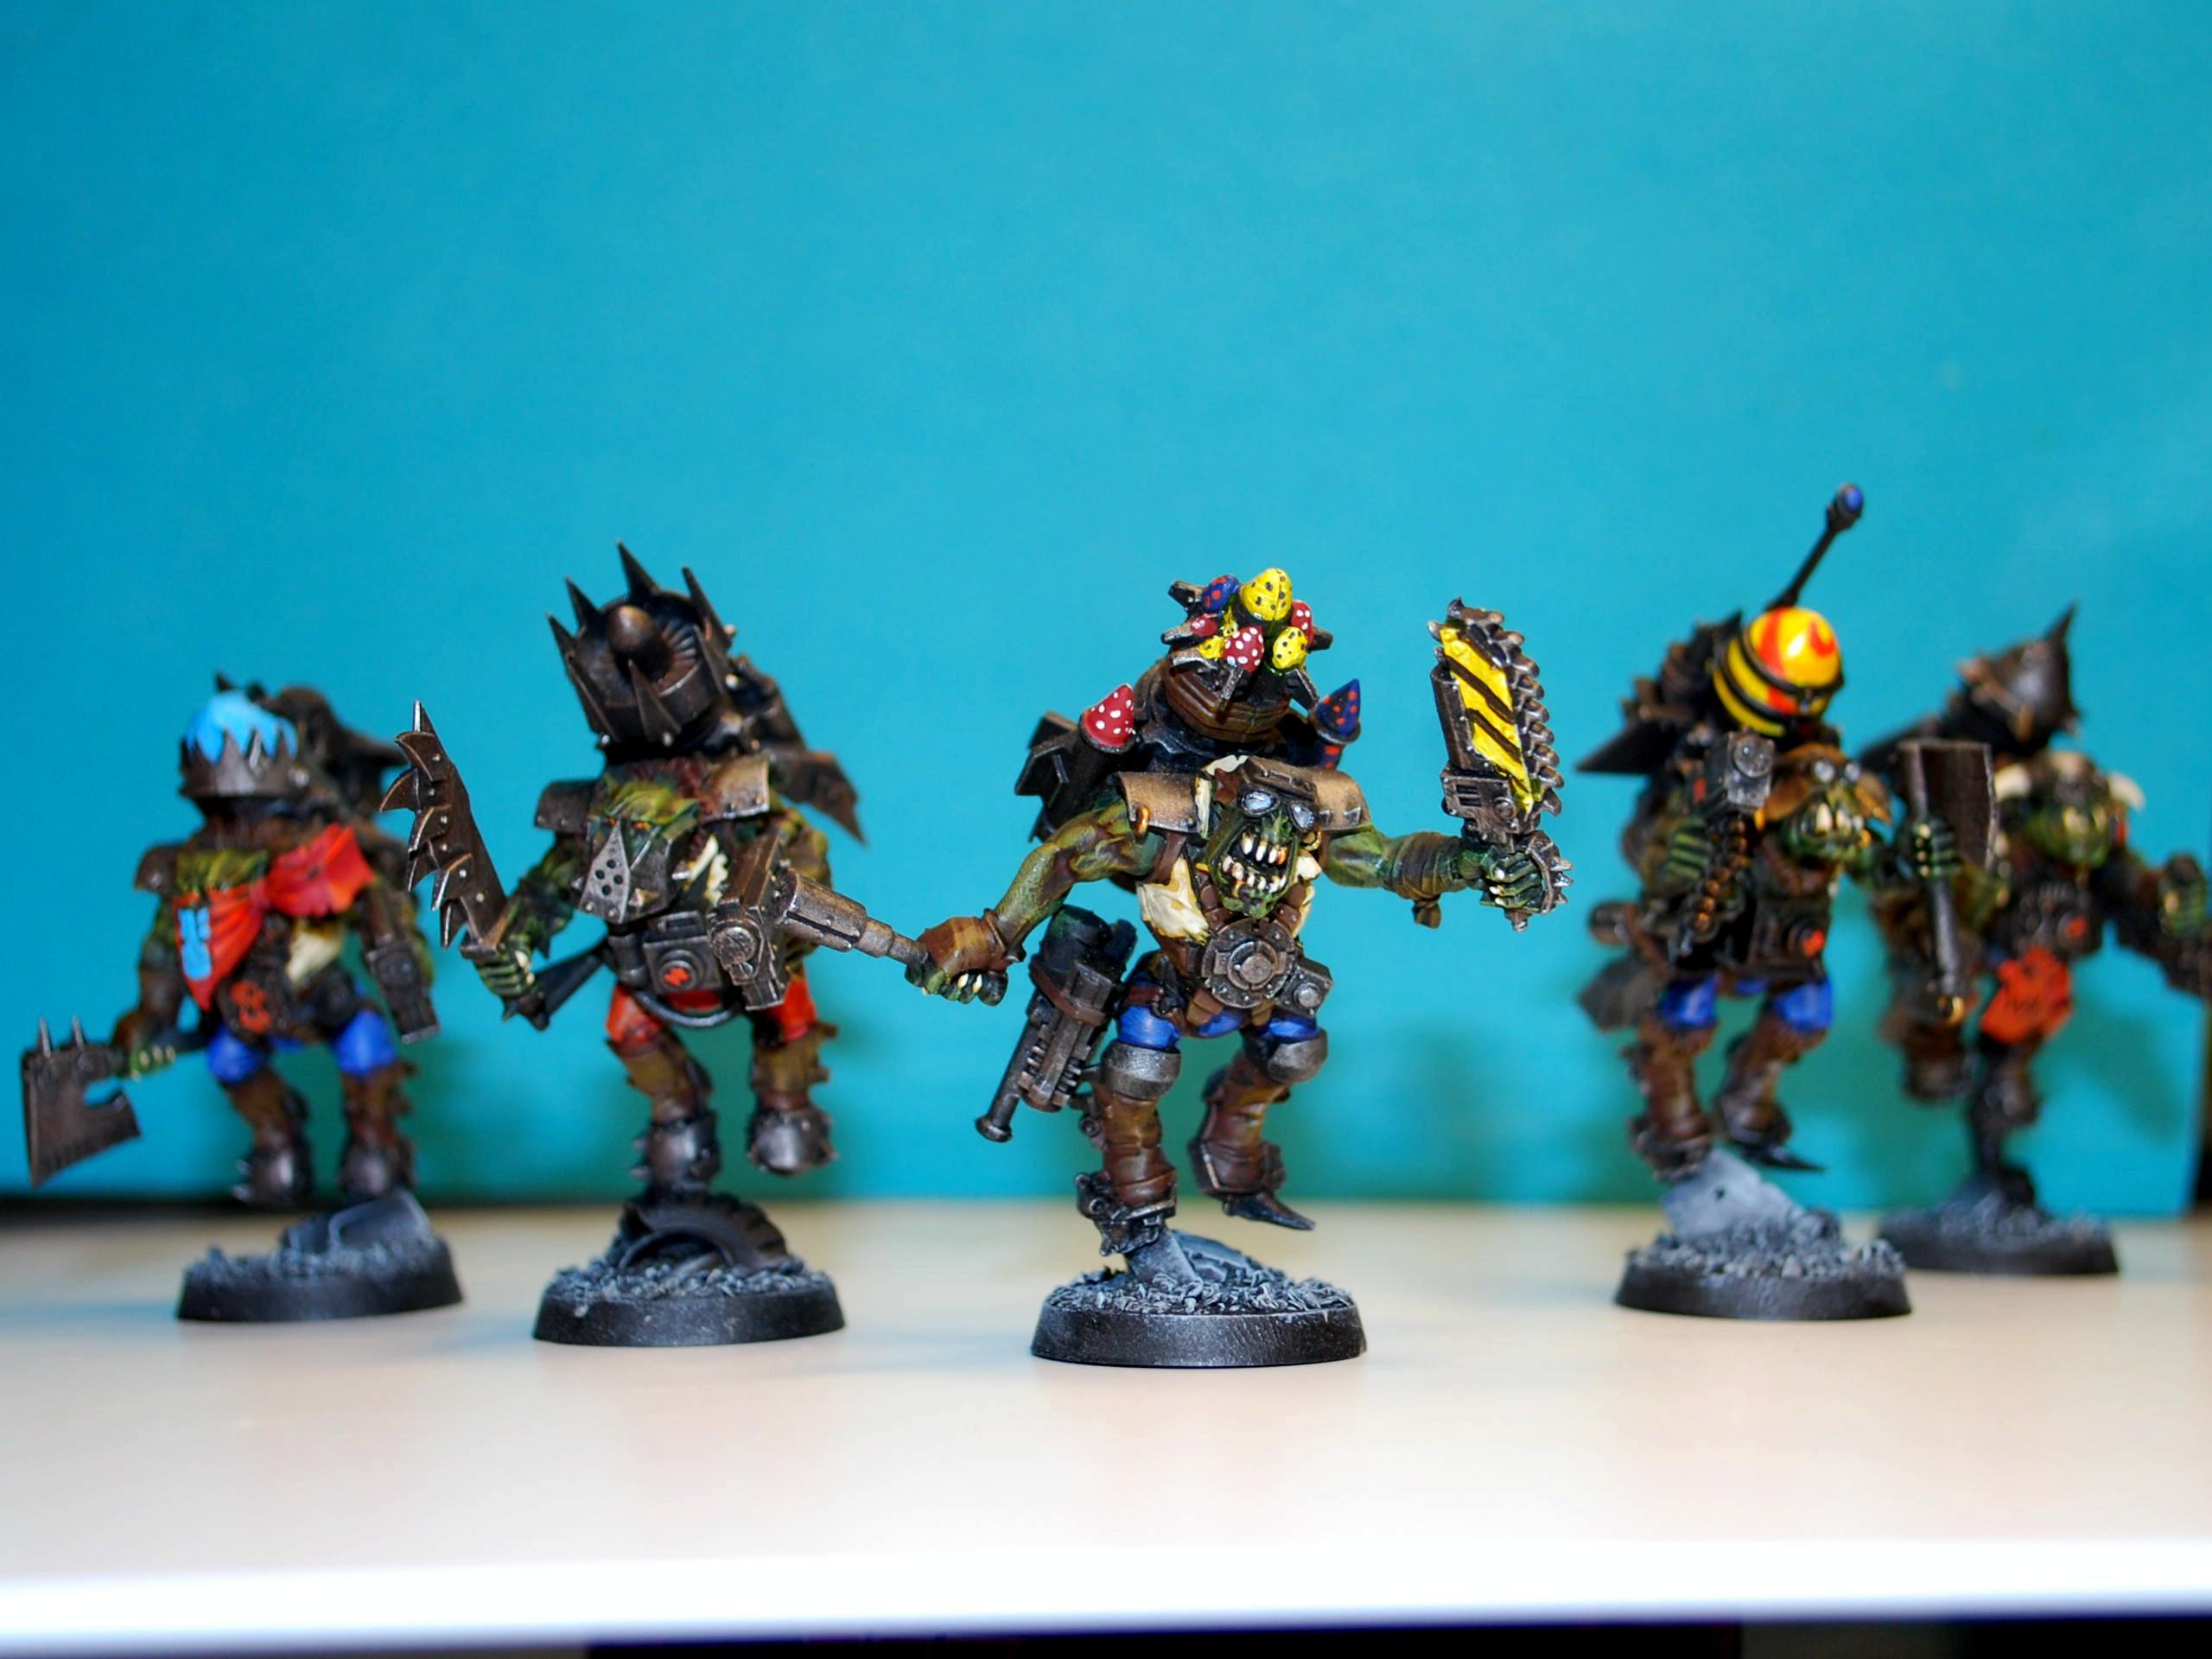 Orks, Storm Boyz, Warhammer 40,000